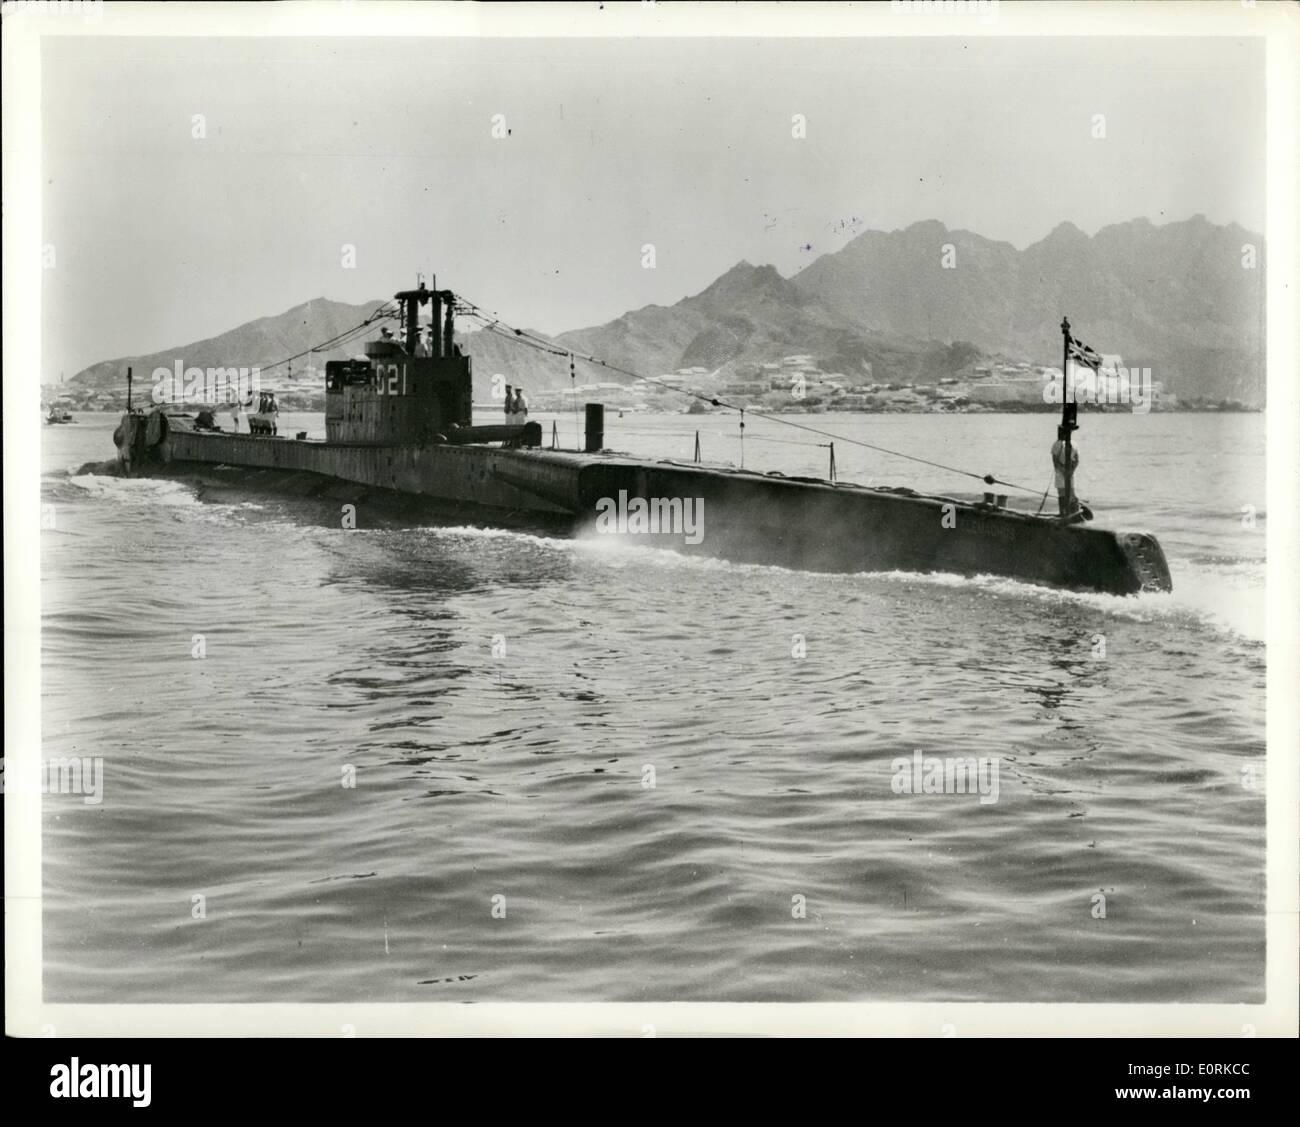 Diciembre 12, 1959 - 10 años de viajero H.M.S. Telémaco llega a Aden bajo el mando del Teniente Comandante J.M. Cochrane, R.N. el submarino británico estaba en su camino a casa después de 10 años al servicio de la Real Marina Australiana. Ella ha visitado la mayoría de los principales puertos en el Pacífico y el Lejano Oriente, desde la salida de Gran Bretaña, y desde su finalización en 1943 ha cocinado 276,742 millas. Imagen De Stock